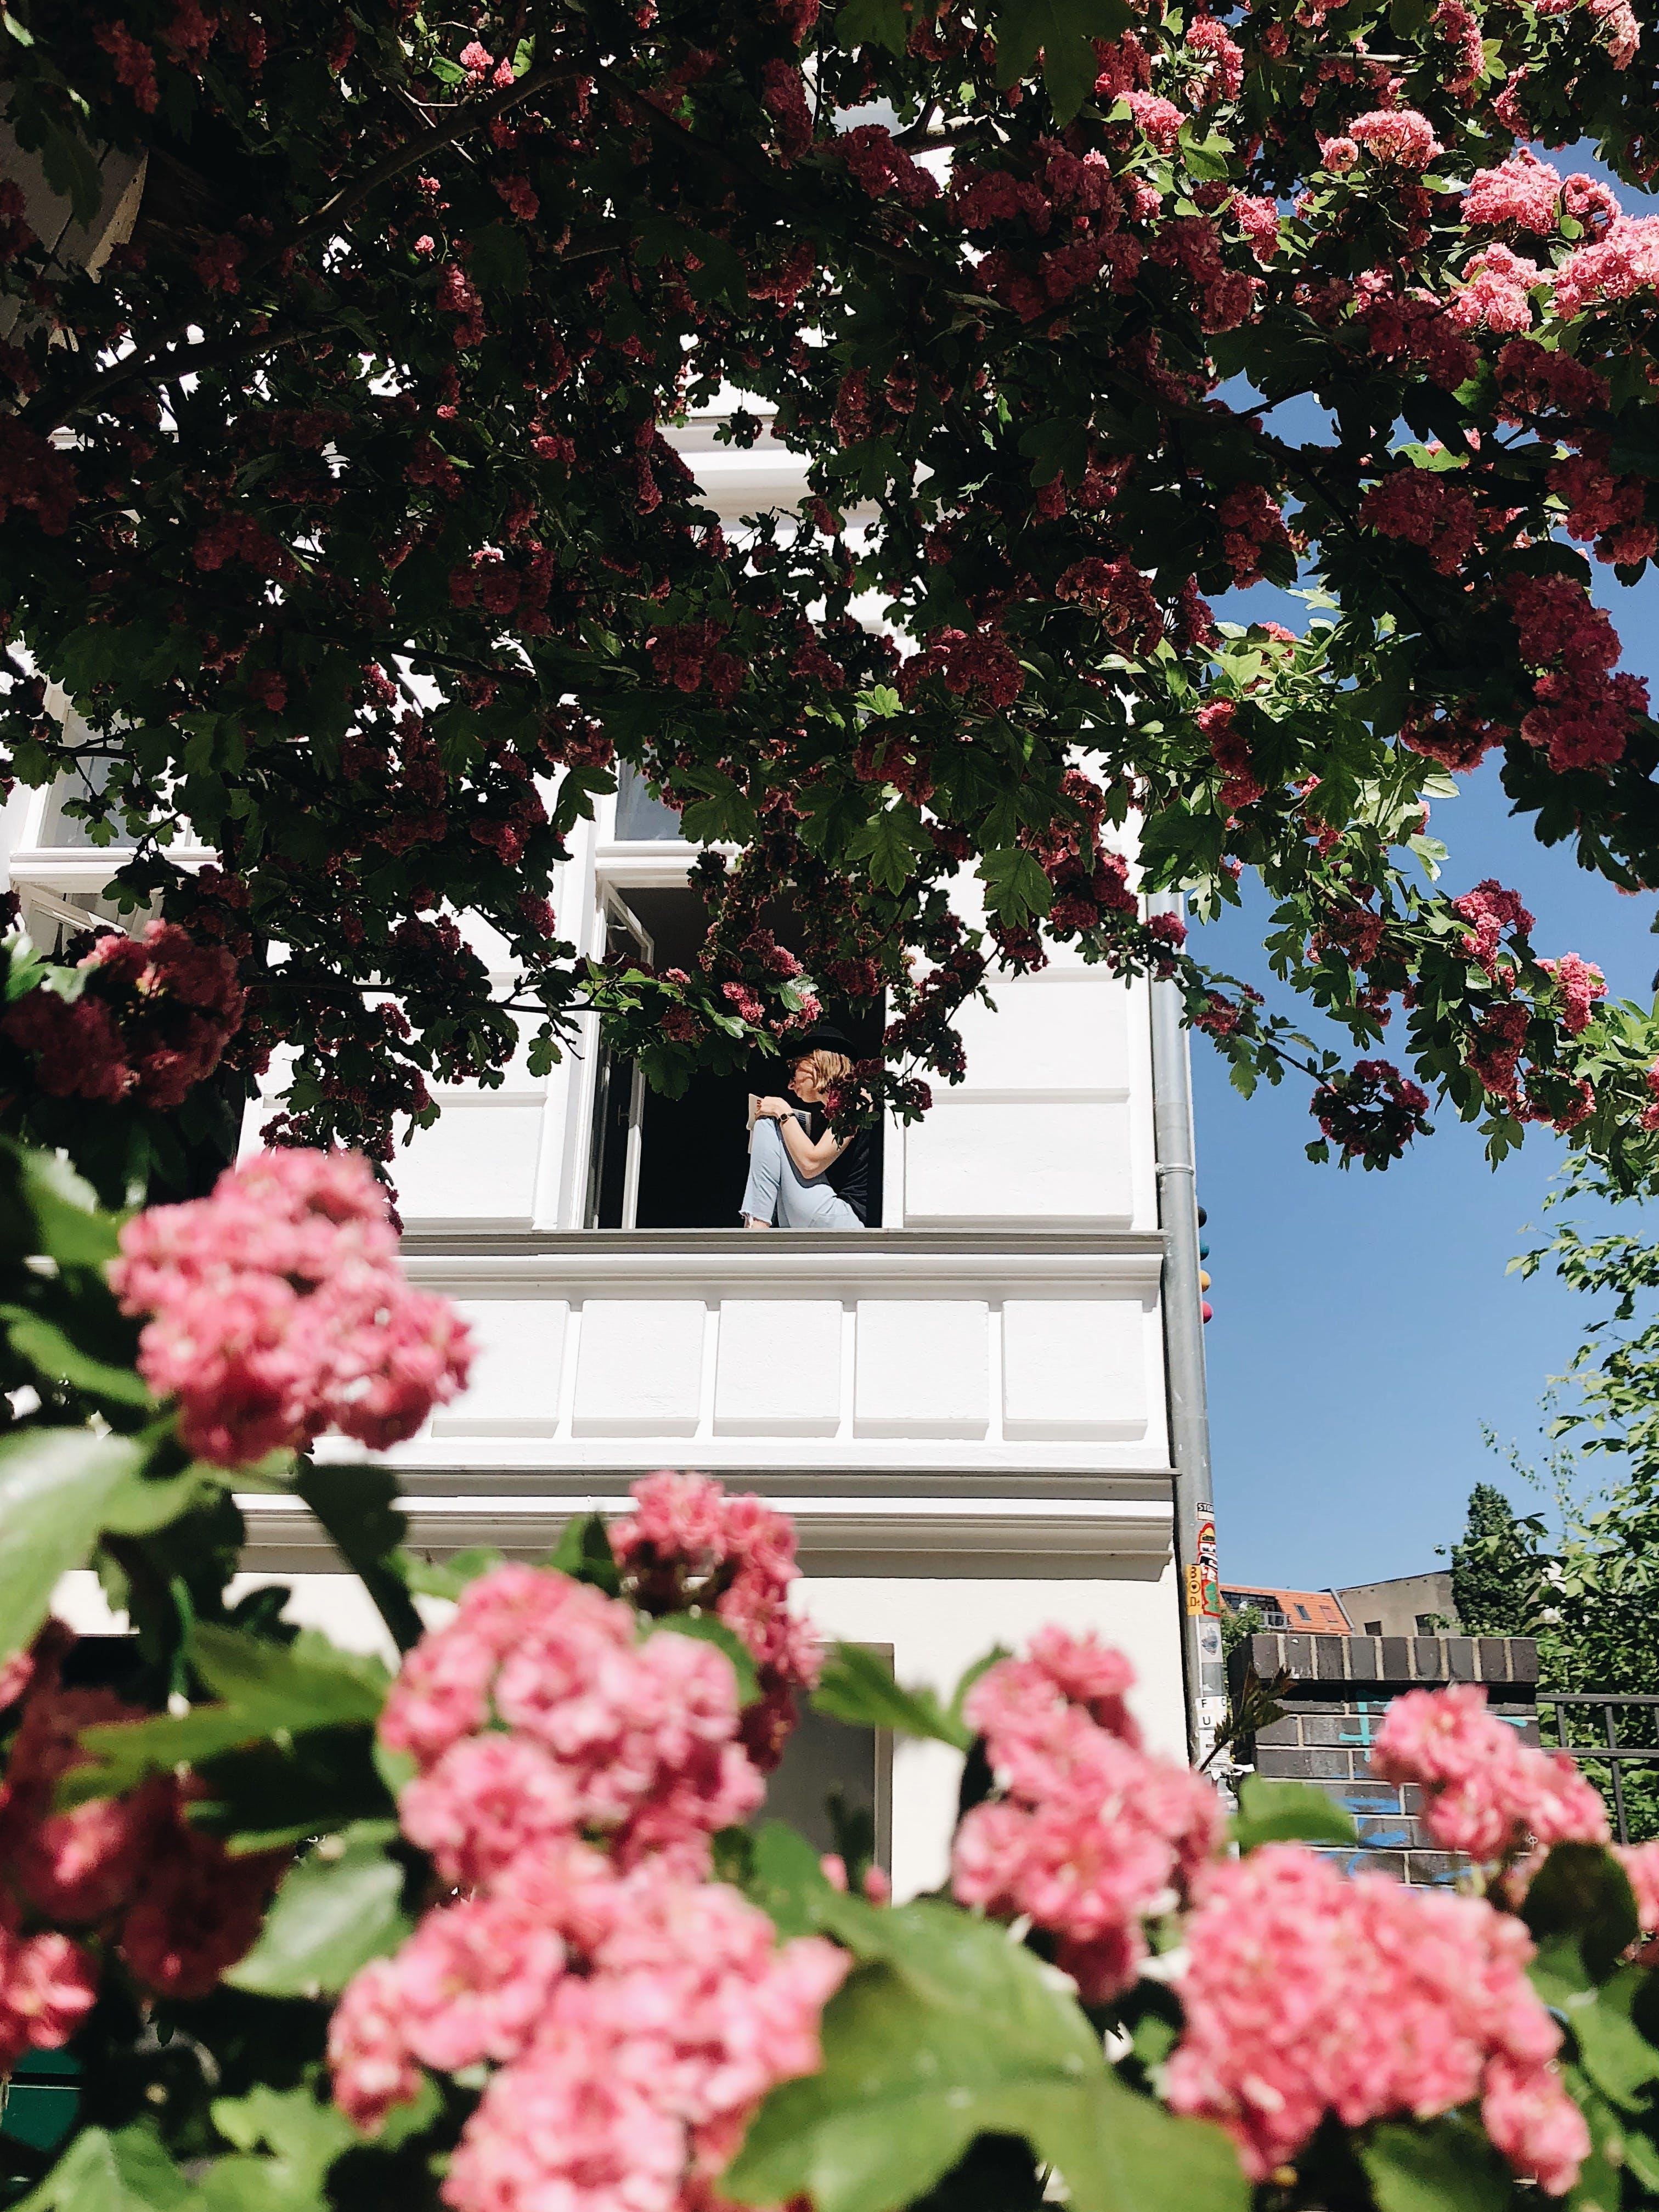 Immagine gratuita di albero, arbusto, bellissimo, bocciolo